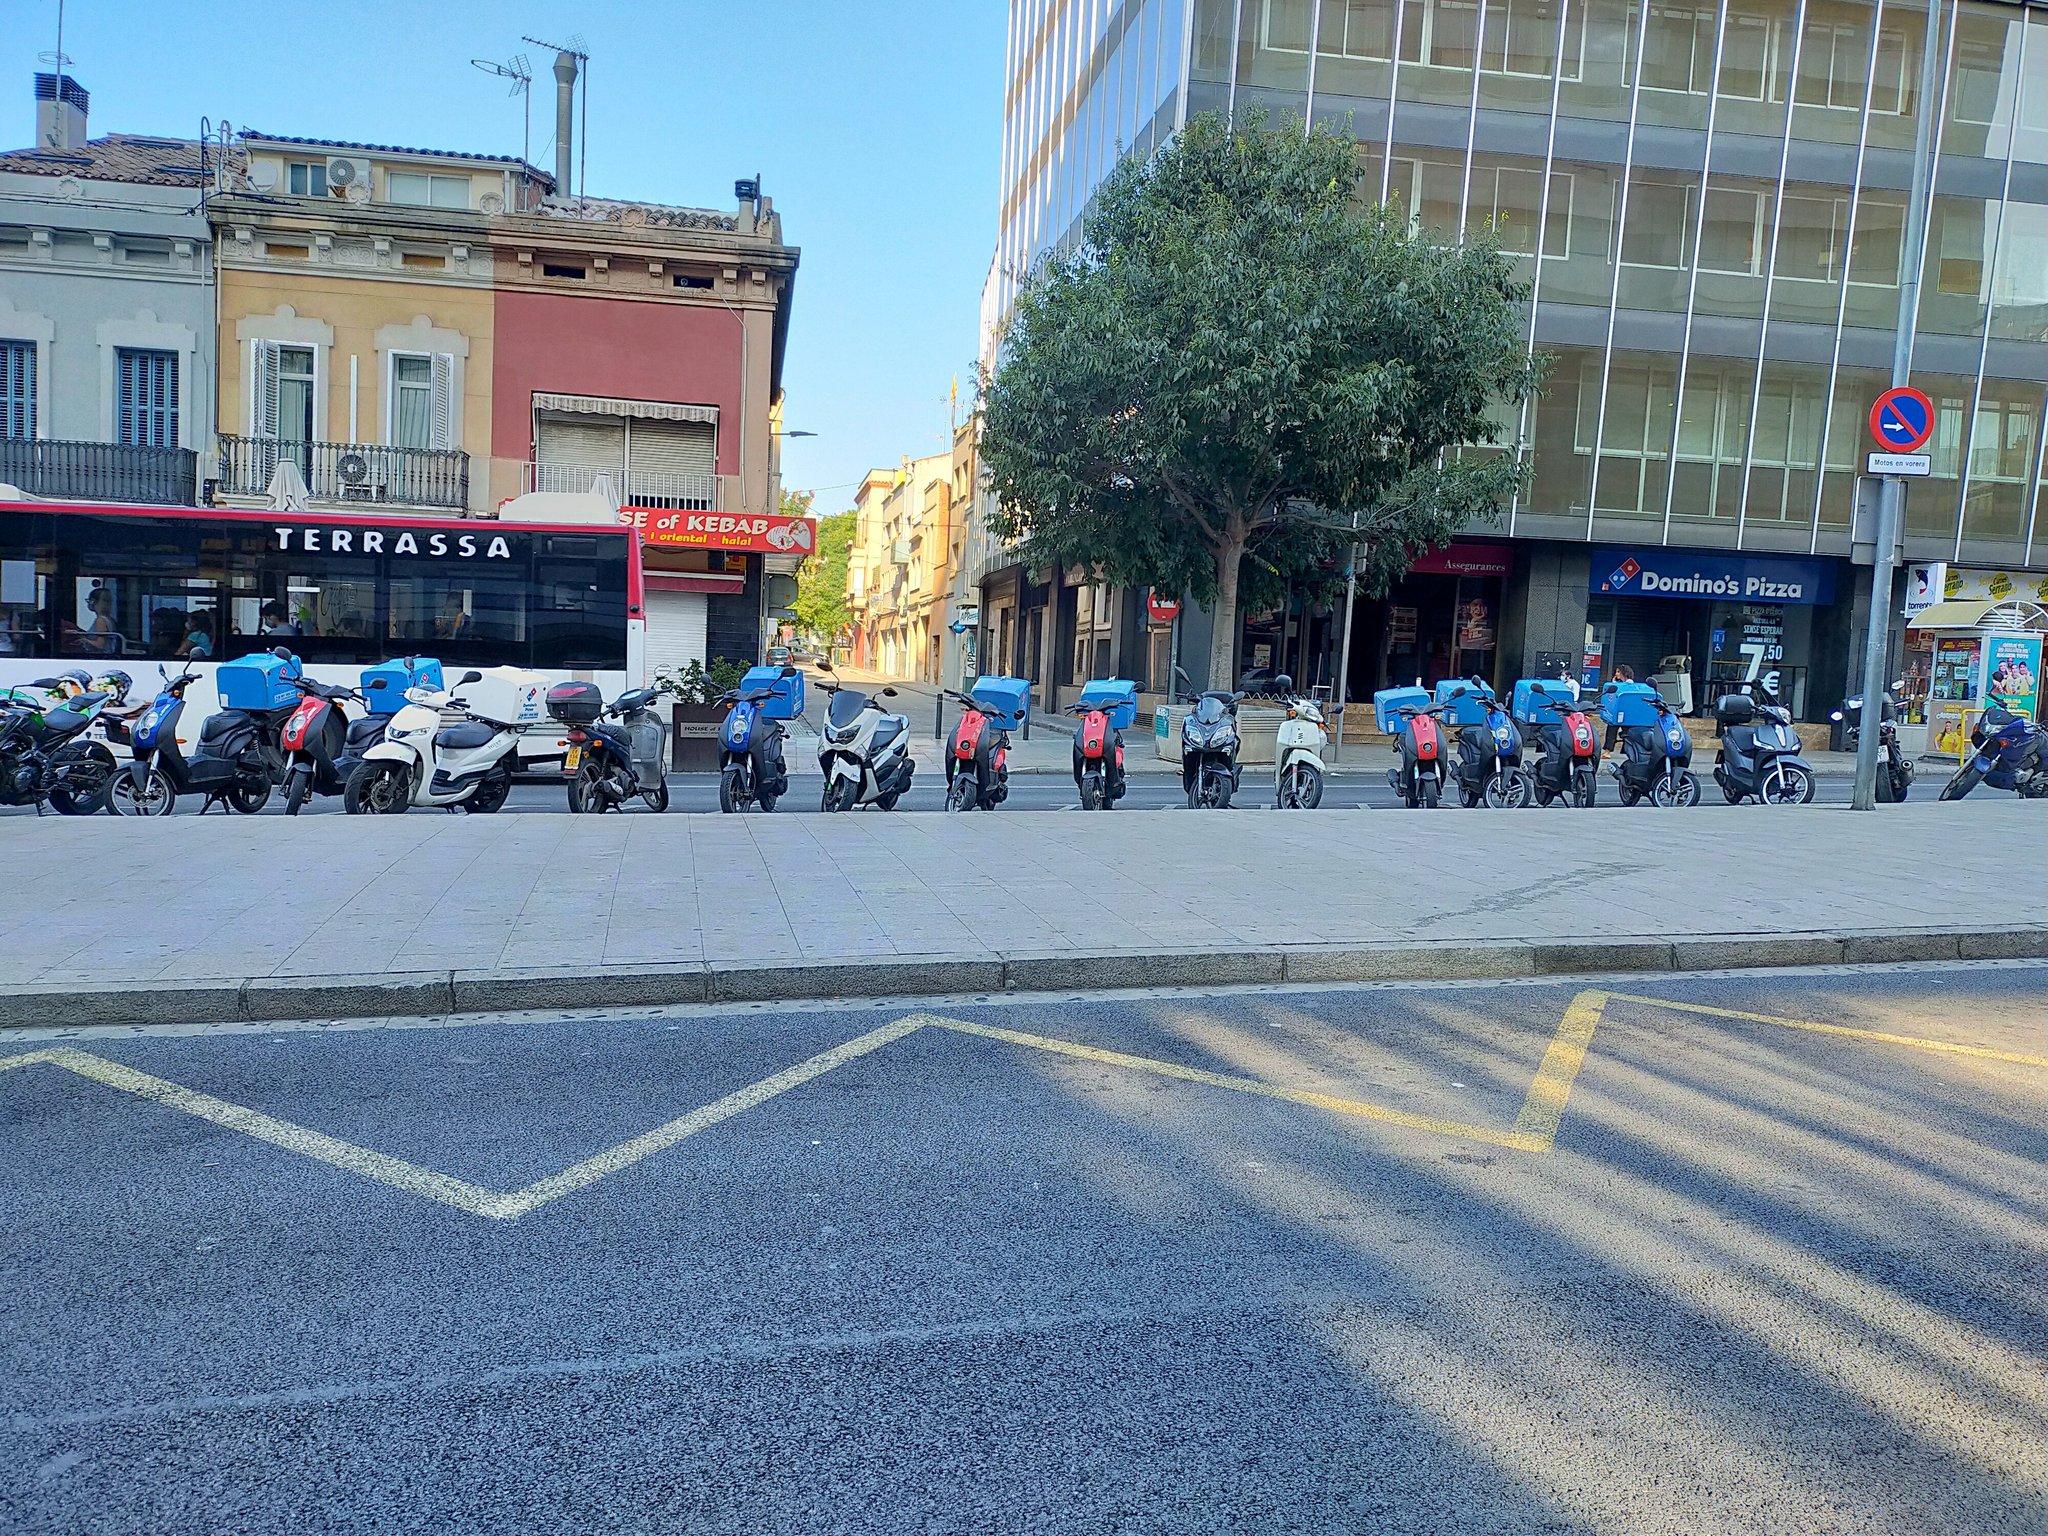 Les motos ocupant el llarg aparcament públic a la Rambla | Jordi Arnaiz